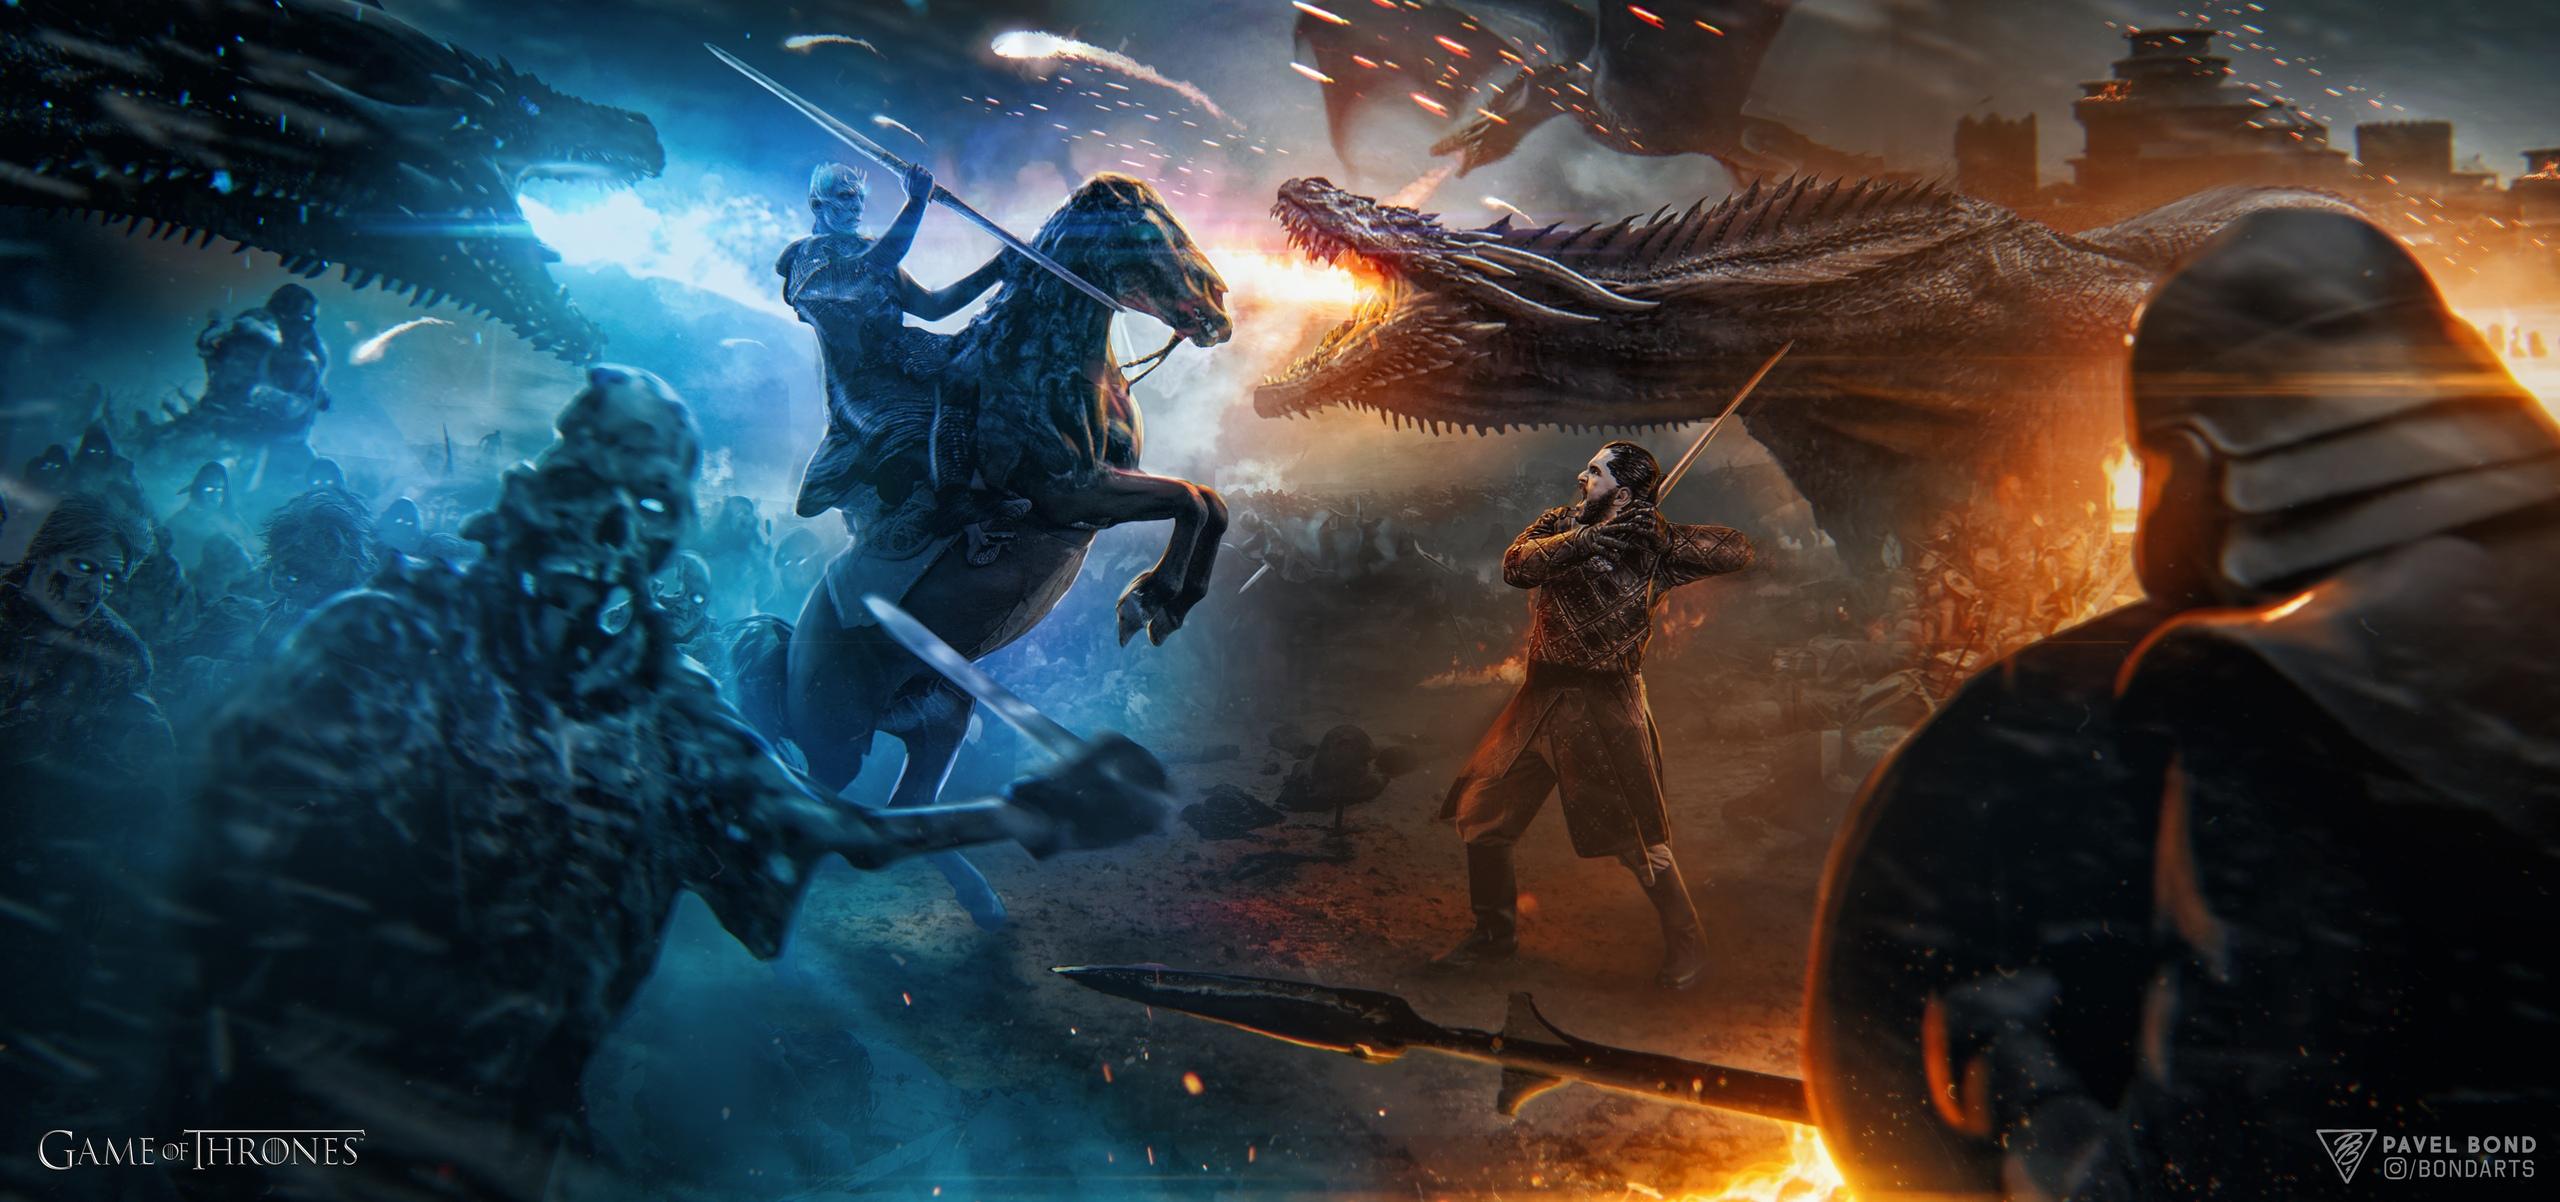 Wallpaper Game Of Thrones War Battle Aegon Targaryen Jon